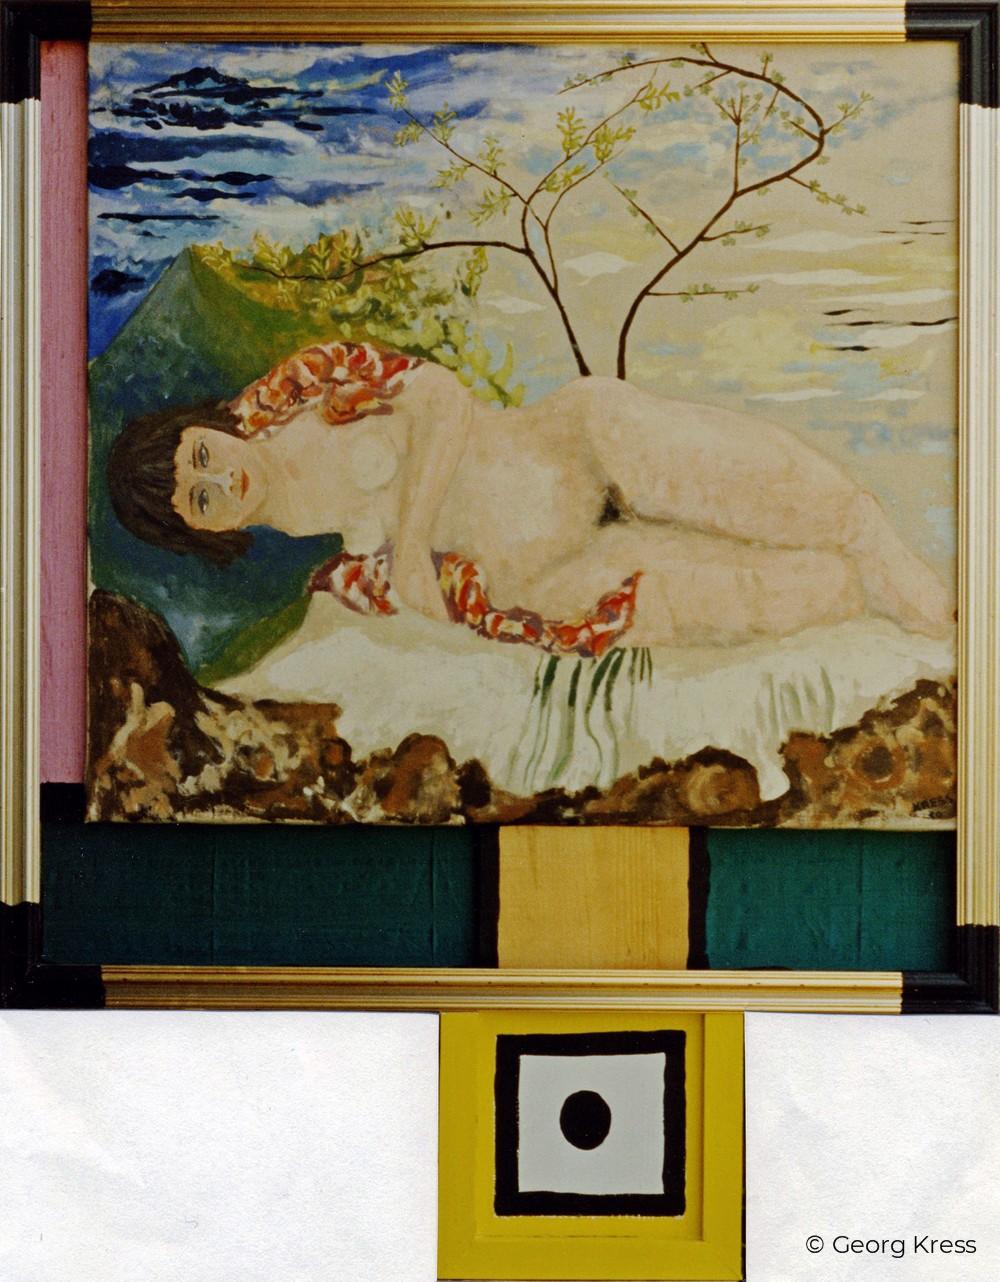 Liegender Akt im Frühling. 1991. Eitempera, Öl auf Seide, Holz.